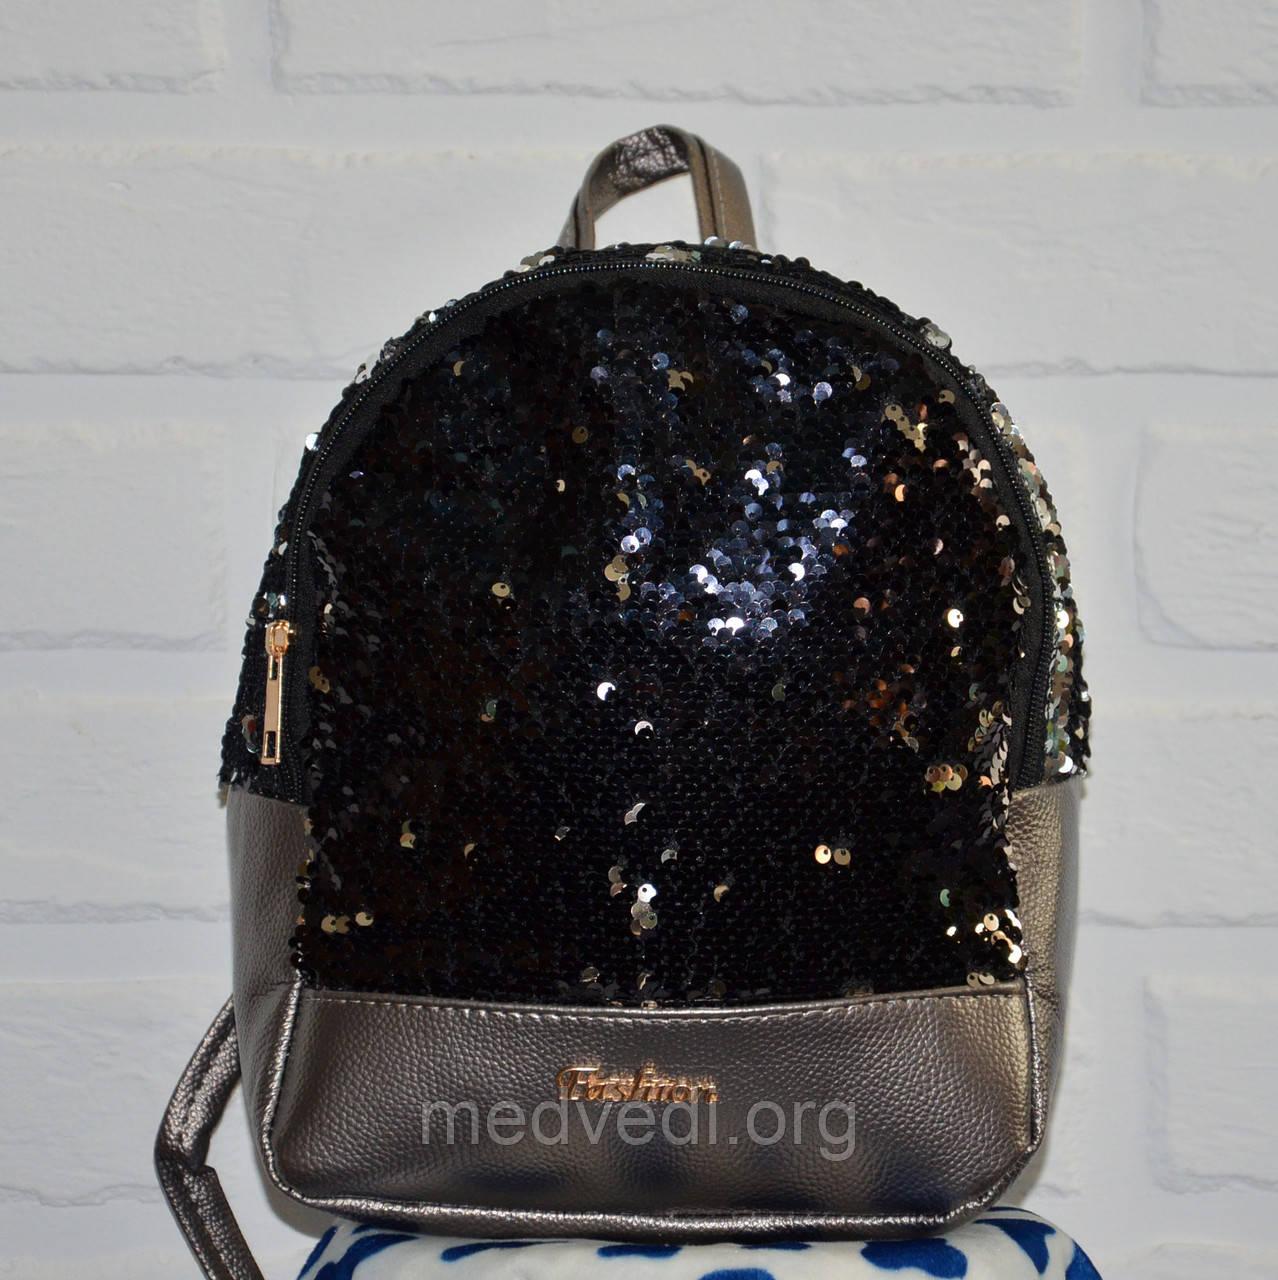 Сірий рюкзак з паєтками двосторонніми, жіночий, сріблясто-чорного кольору, стильний, молодіжний